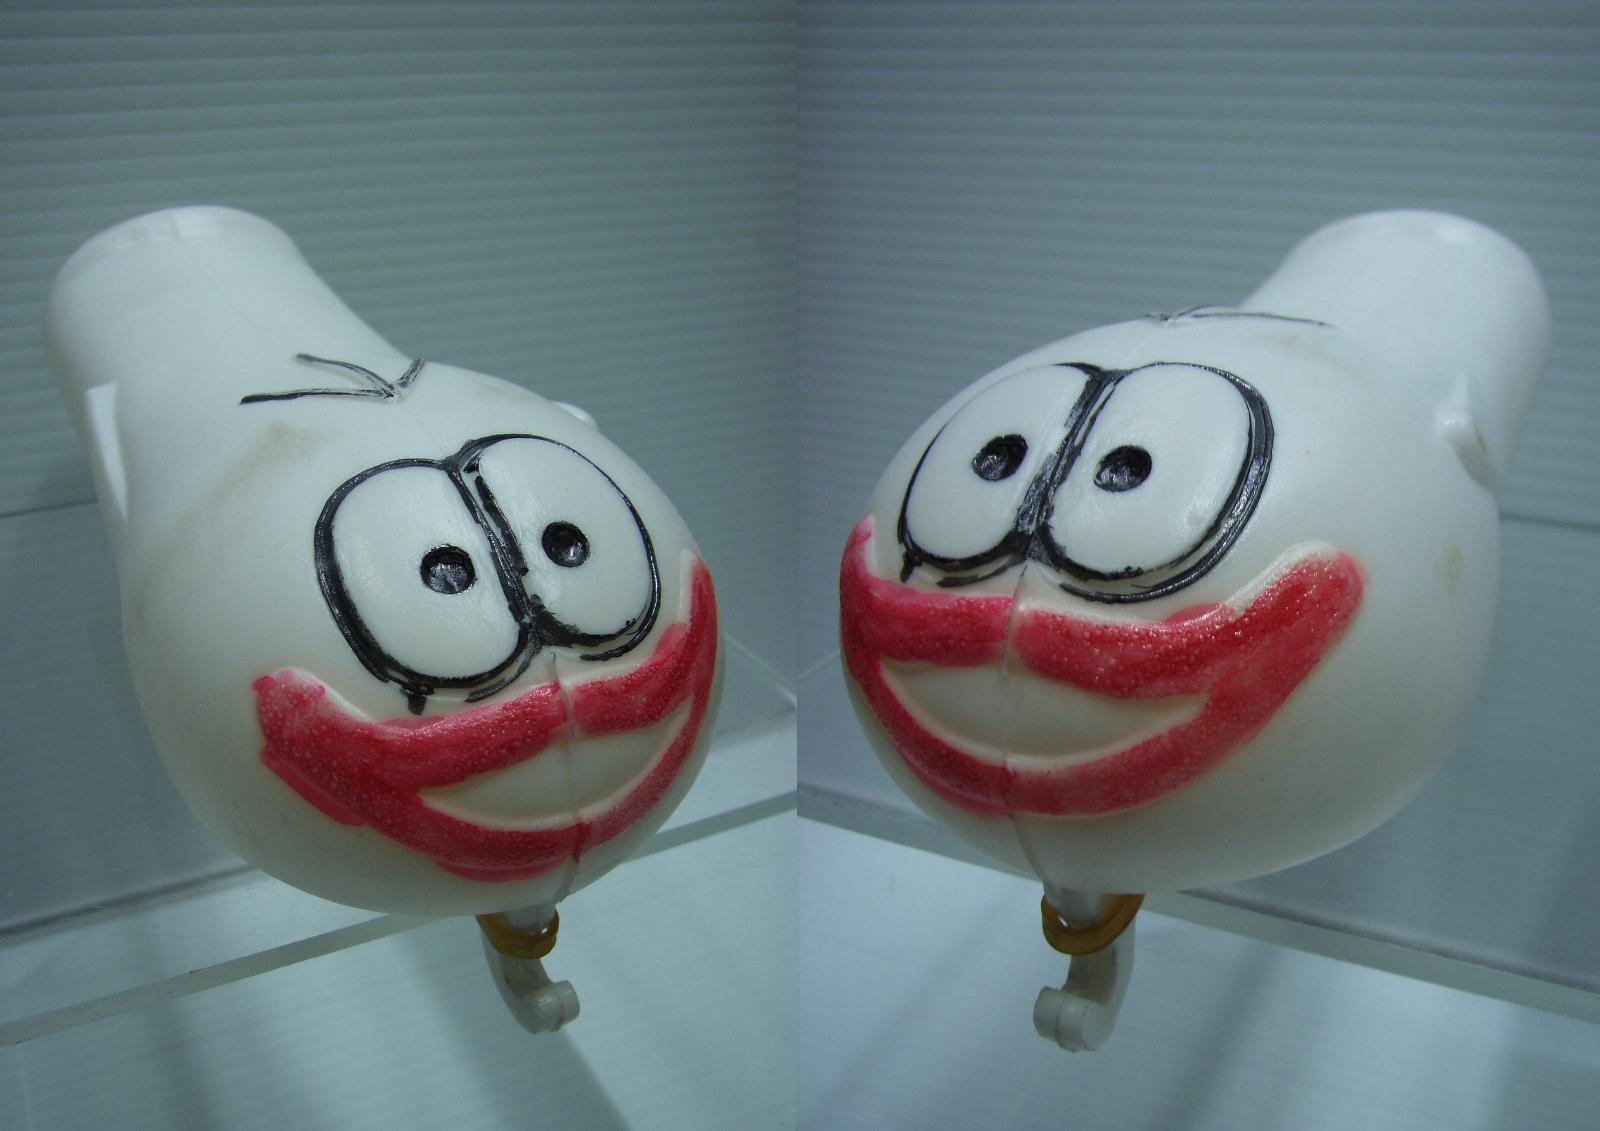 オバケのQ太郎 人形 16.7cm 当時物 手書きアニメ 現状 詳細不明 【TO3327】